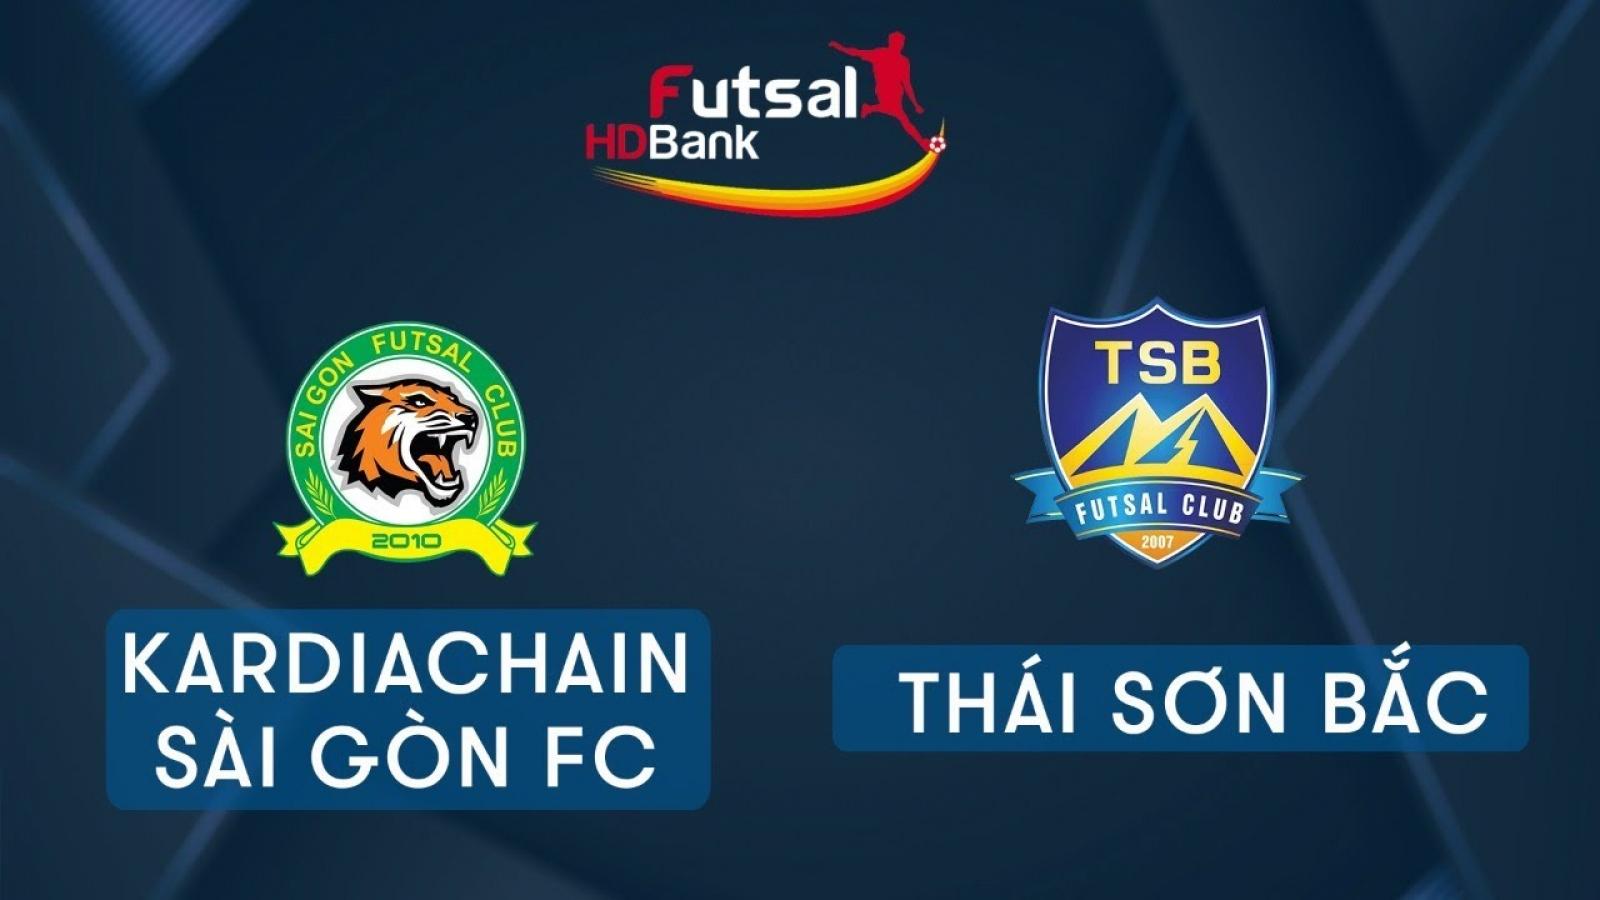 TRỰC TIẾP Kardiachain Sài Gòn vs Thái Sơn Bắc tại Giải Futsal HDBank 2020